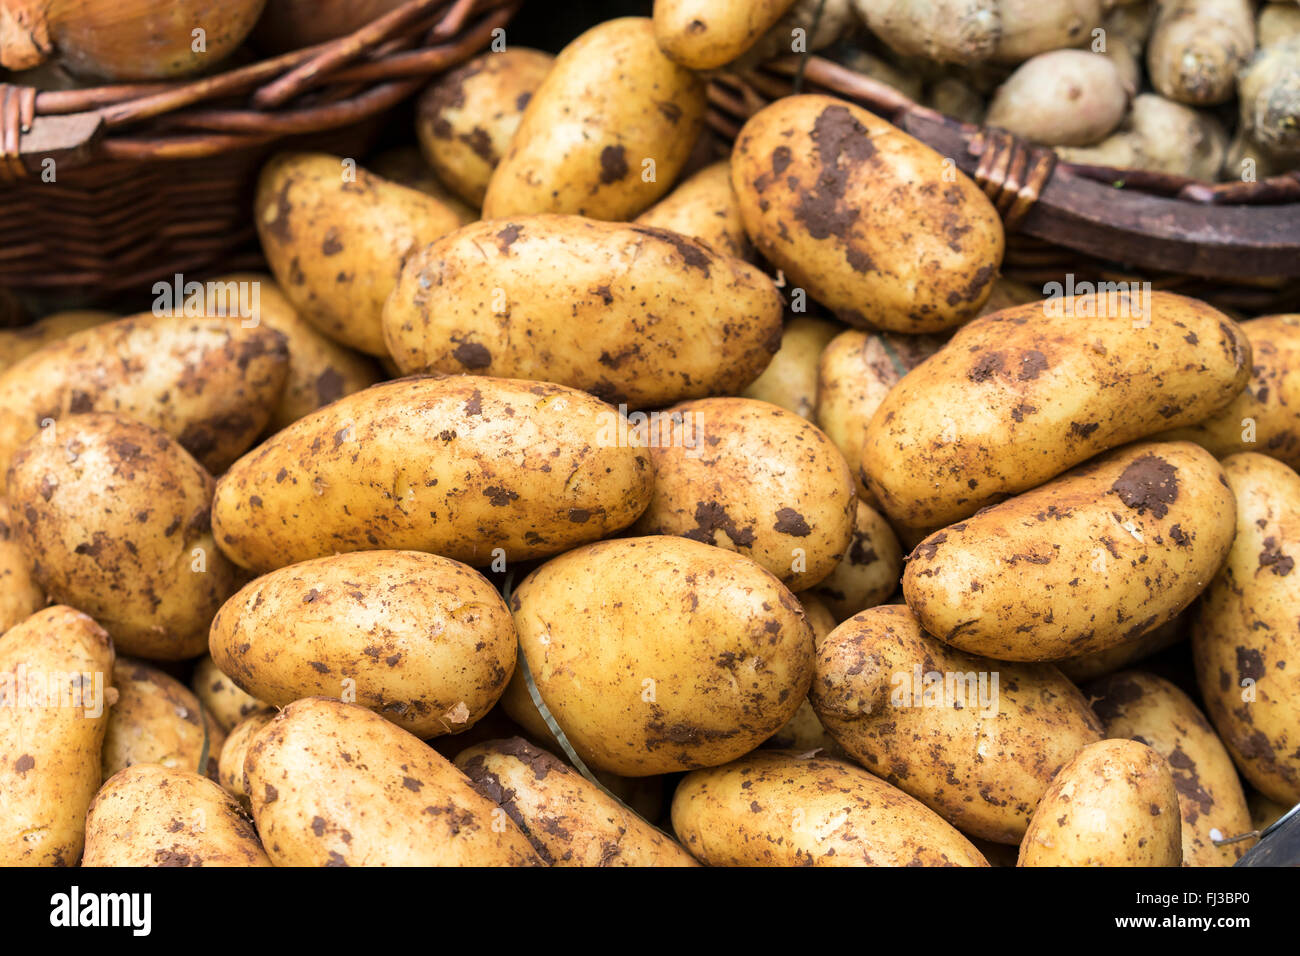 Nahaufnahme eines Korbs von neuen Kartoffeln bedeckt im Boden für den Verkauf auf einem Marktstand Stockfoto